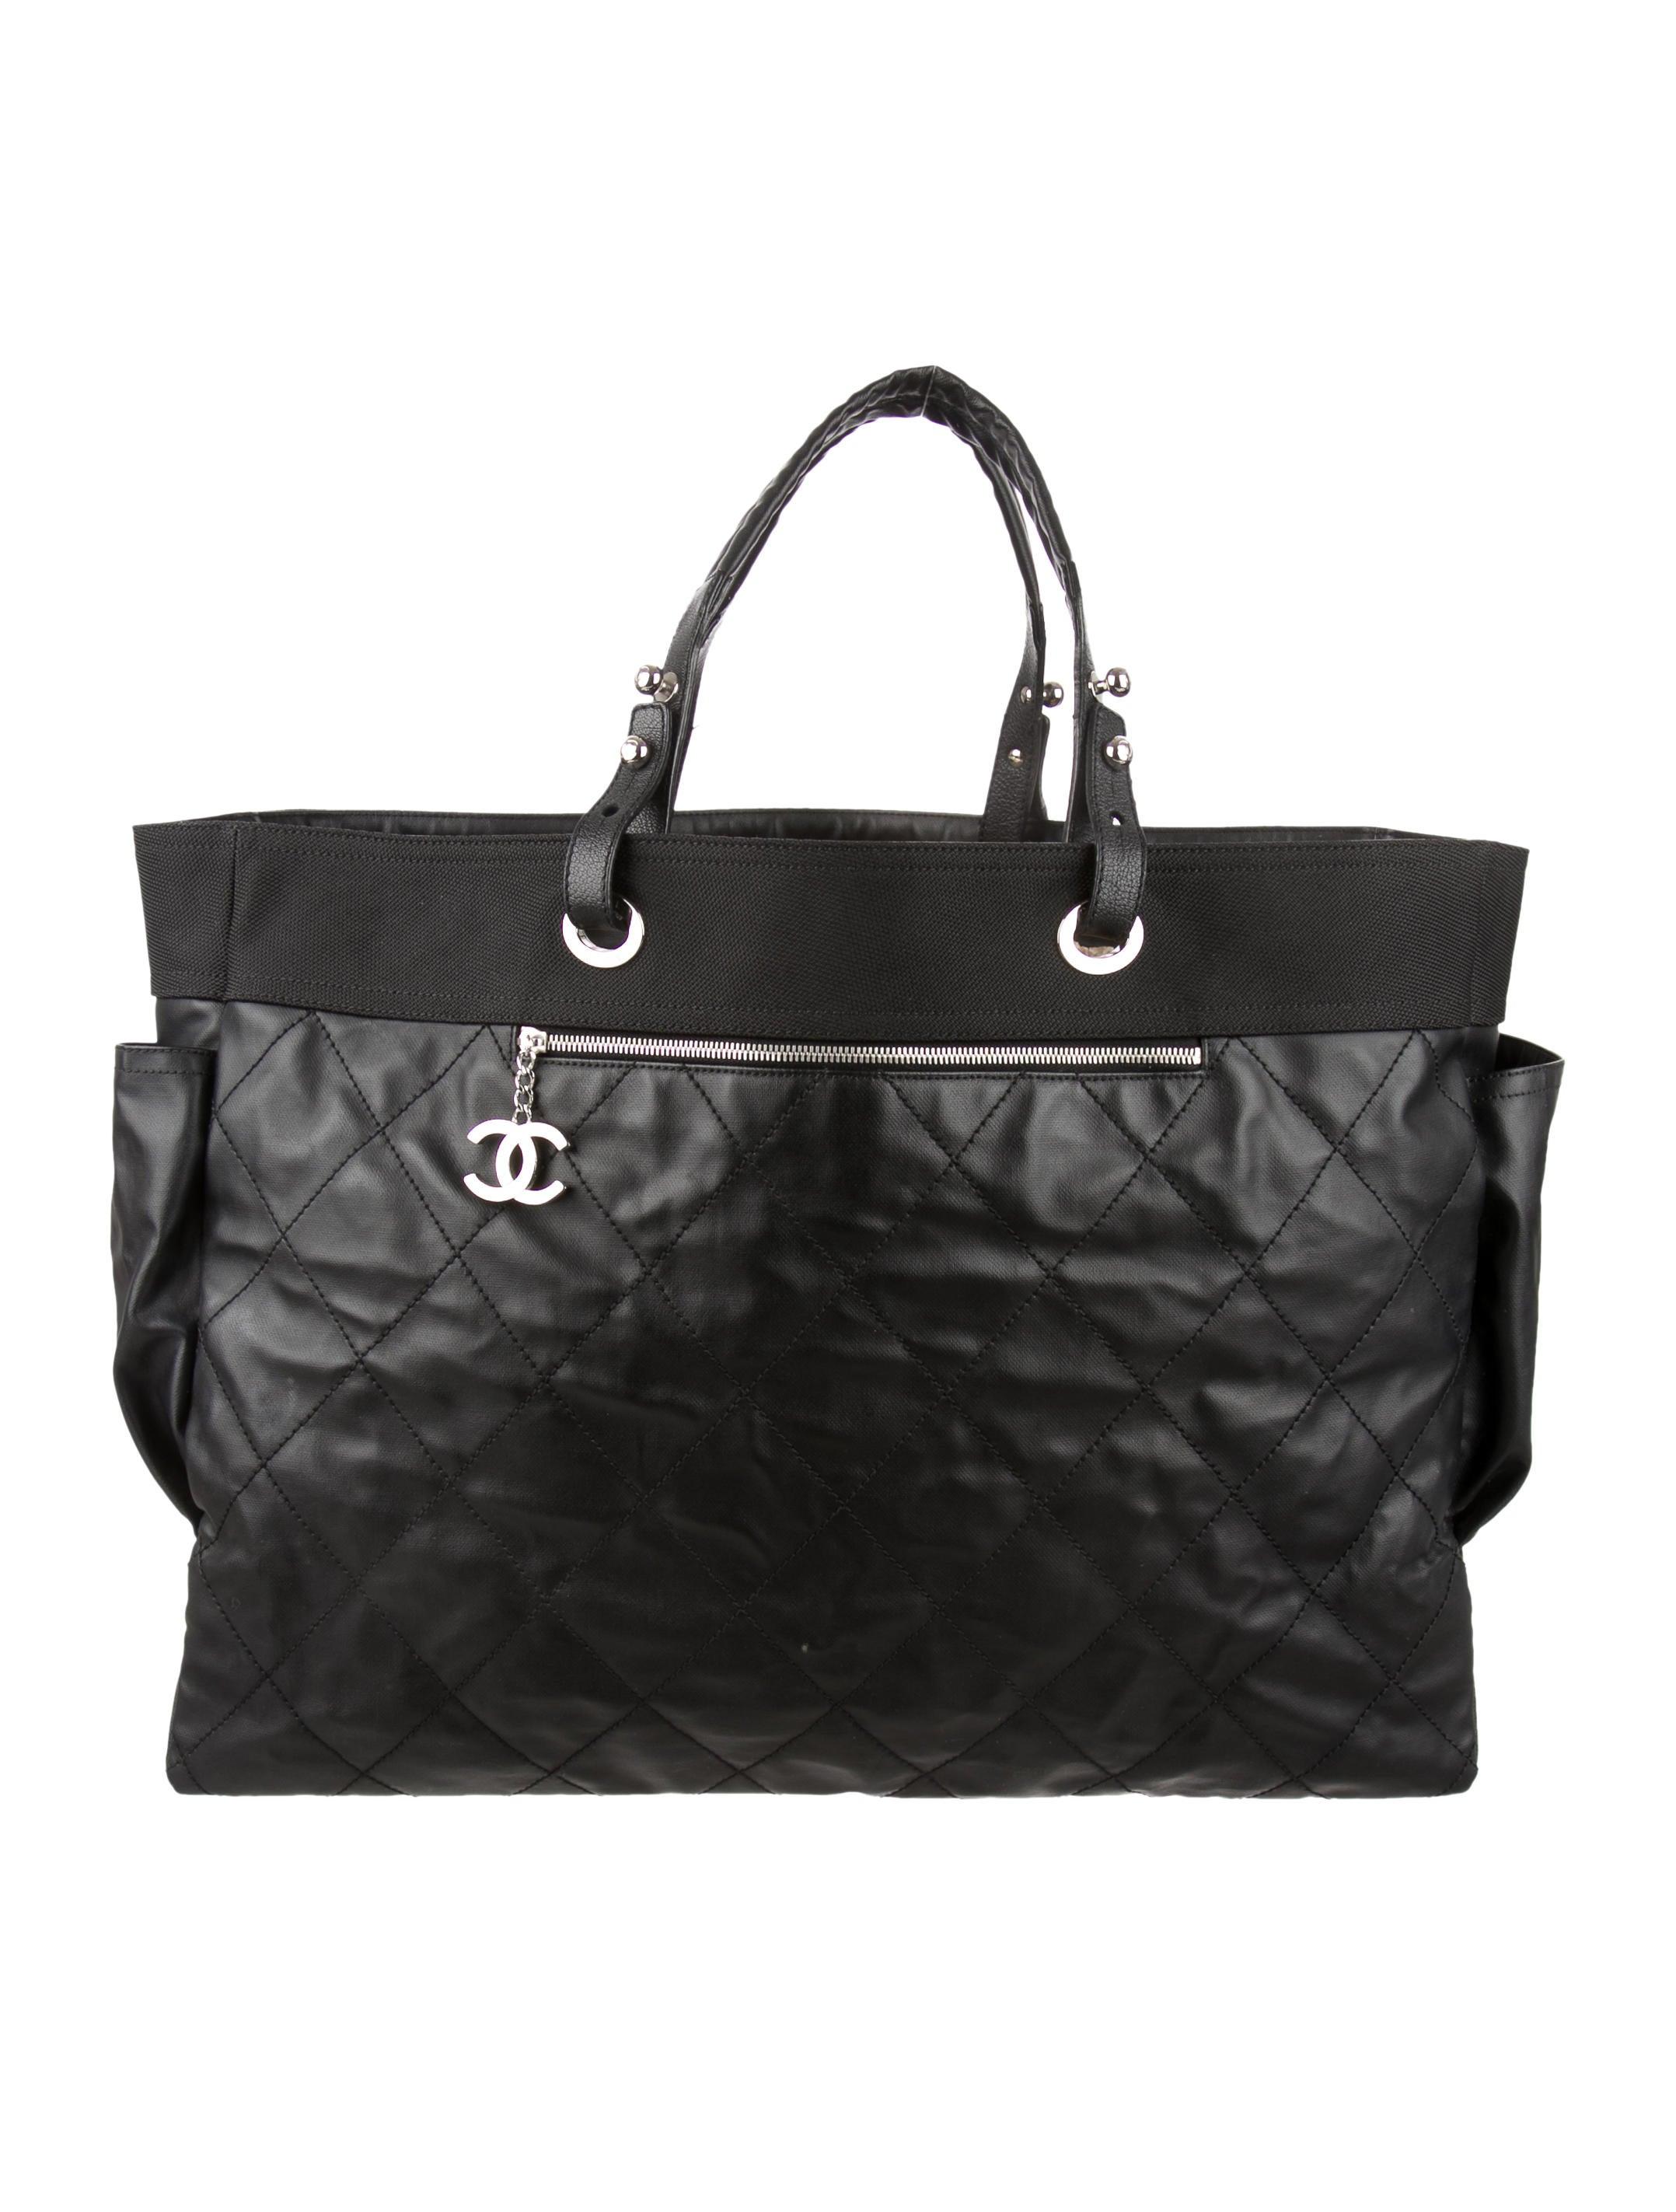 e4a3d66ea573 Chanel Paris-Biarritz XL Tote - Handbags - CHA95163 | The RealReal